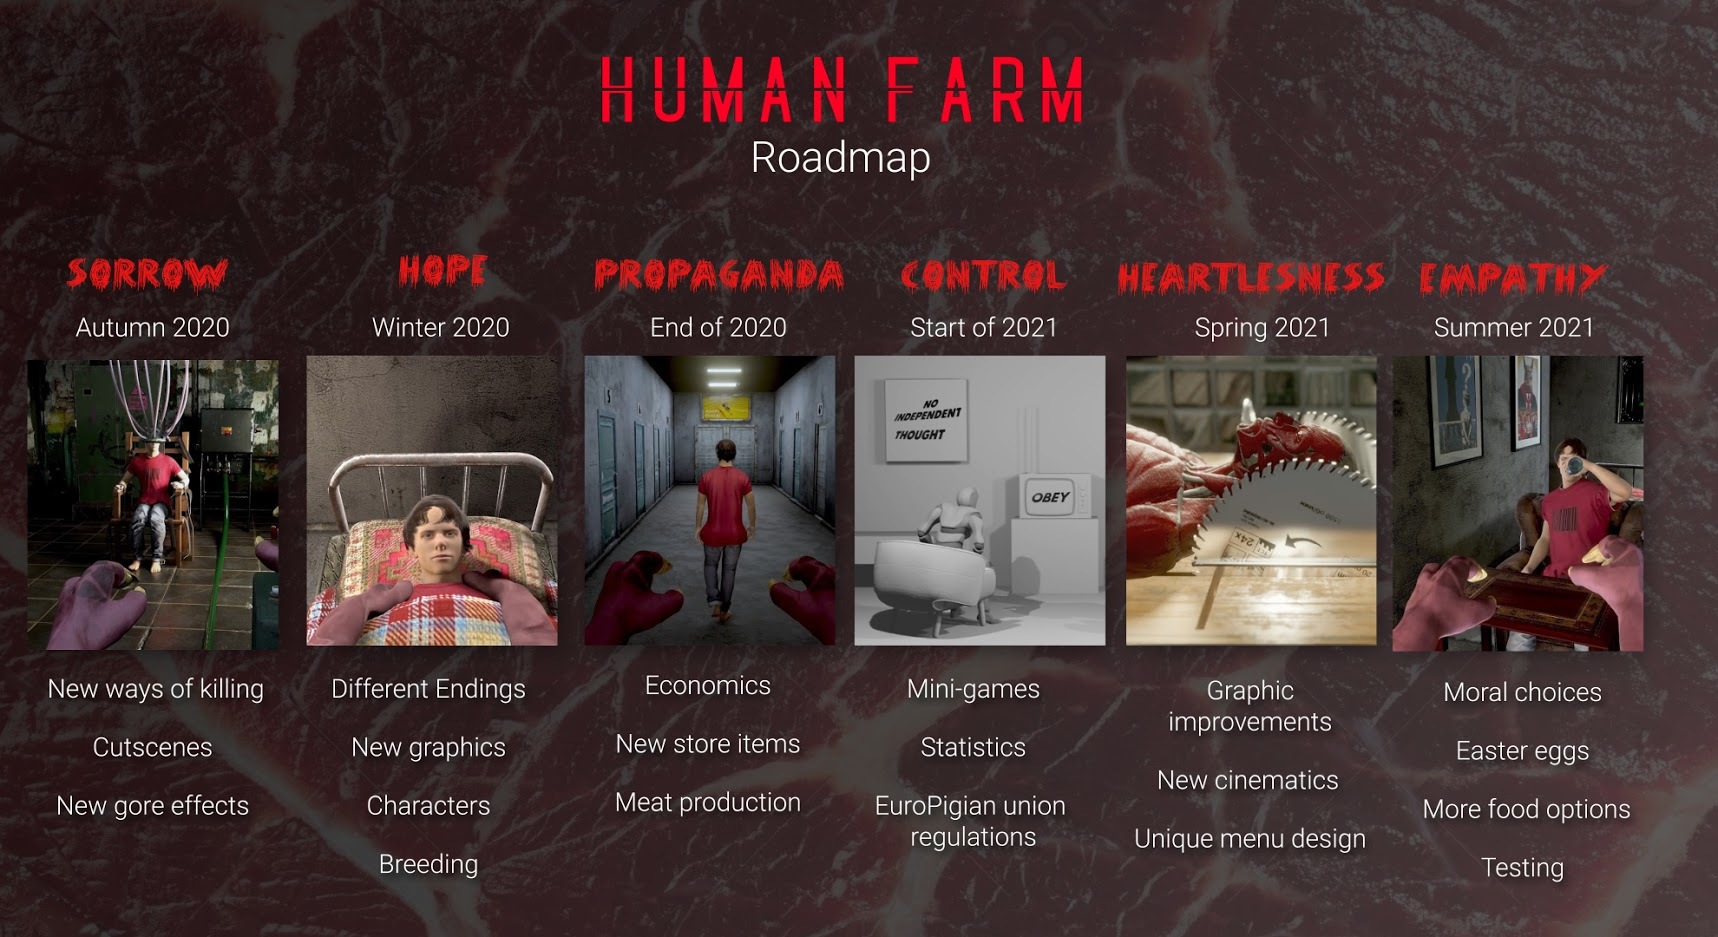 Представлена дорожная карта Human Farm